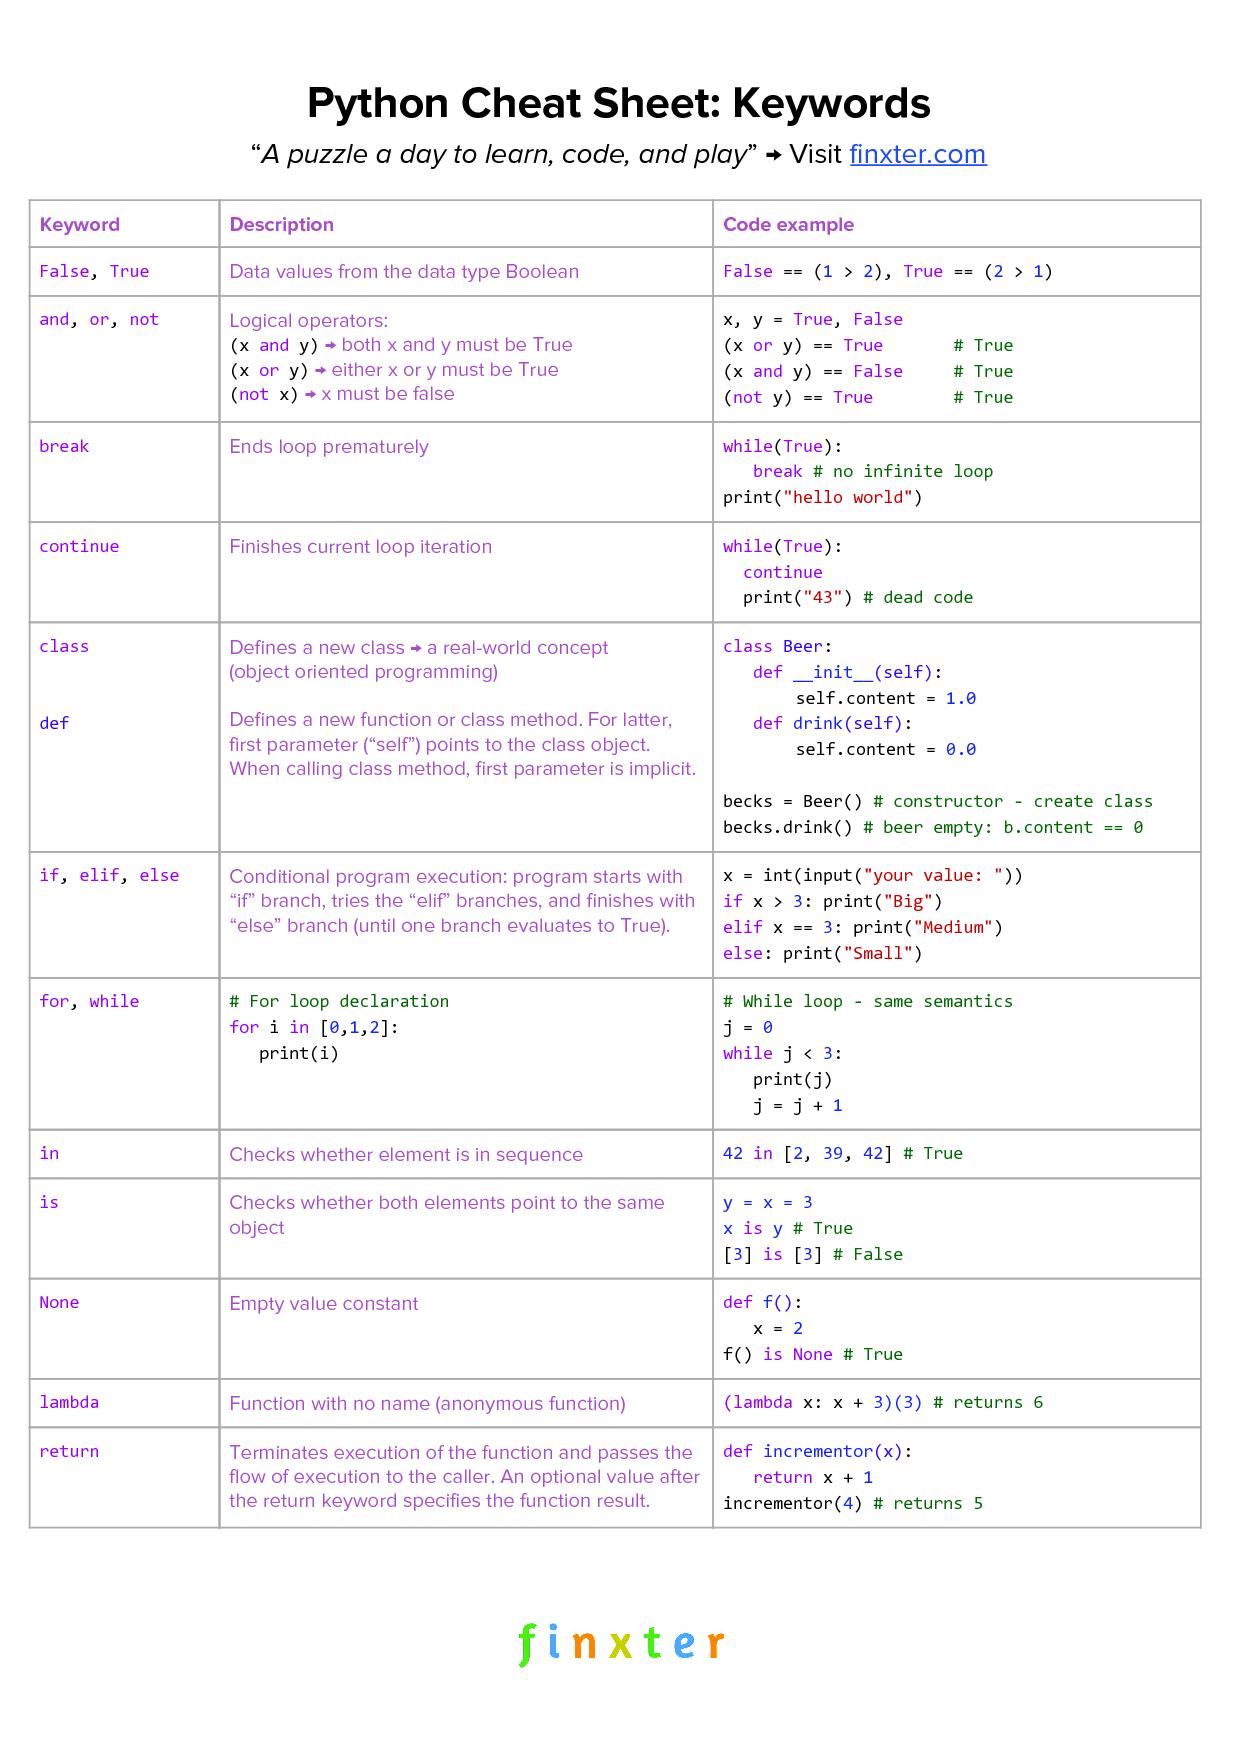 CheatSheet-Python-1_-Keywords11